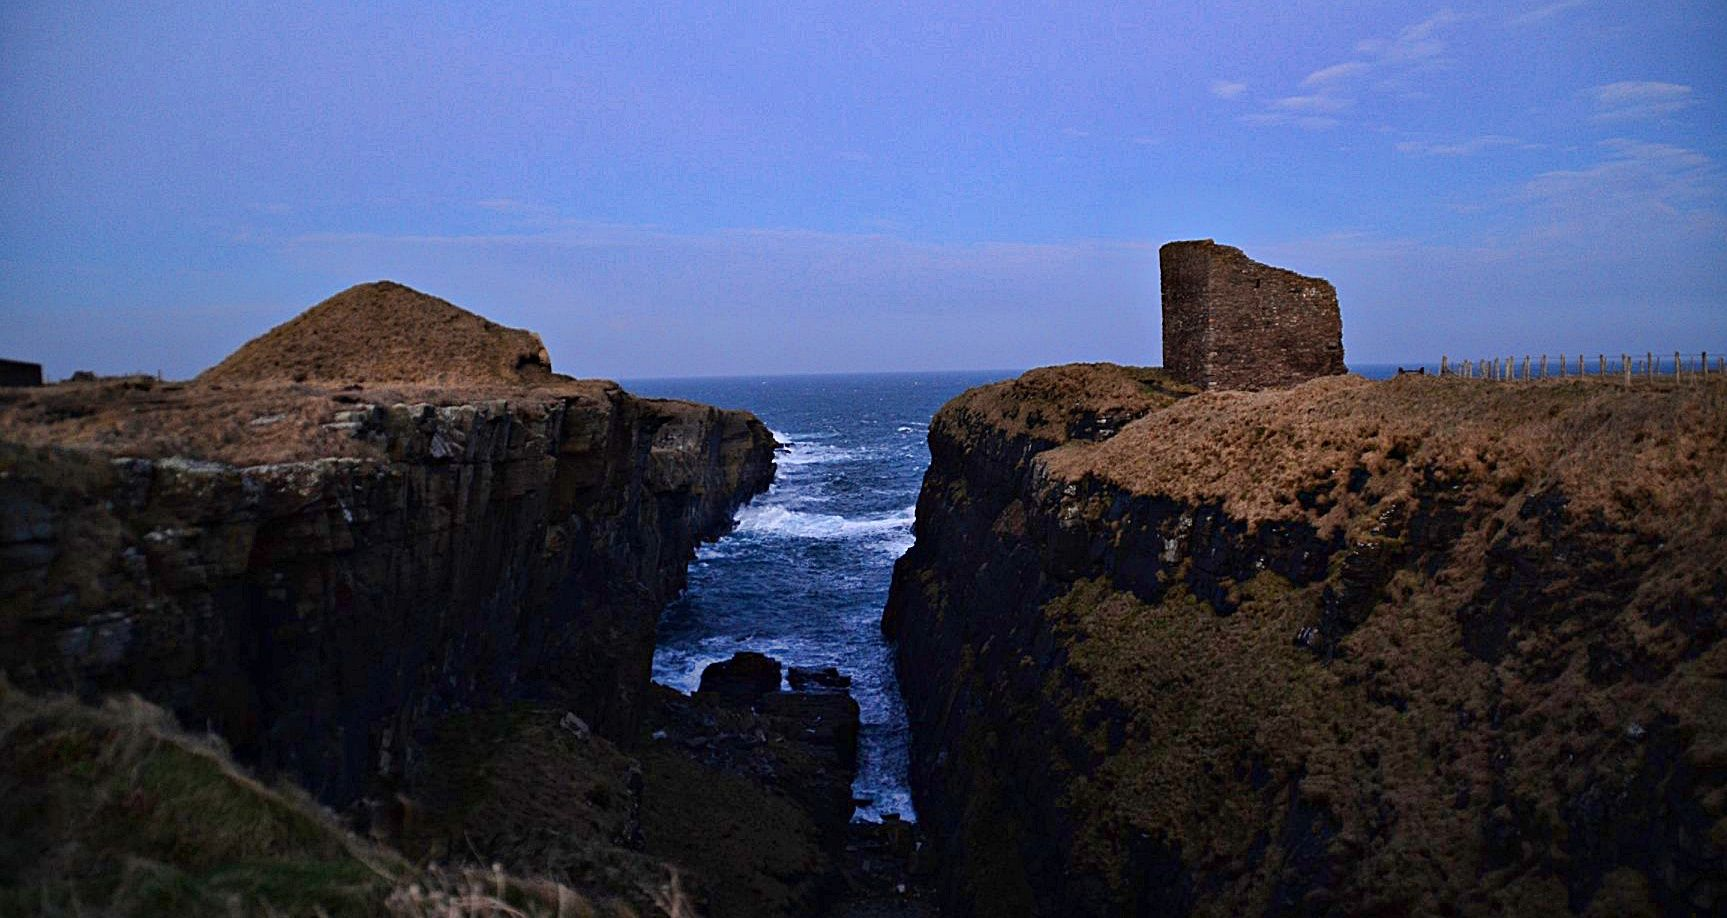 Itinerario North Coast 500 scozia - da Inverness a John O'Groats - castle of old wick